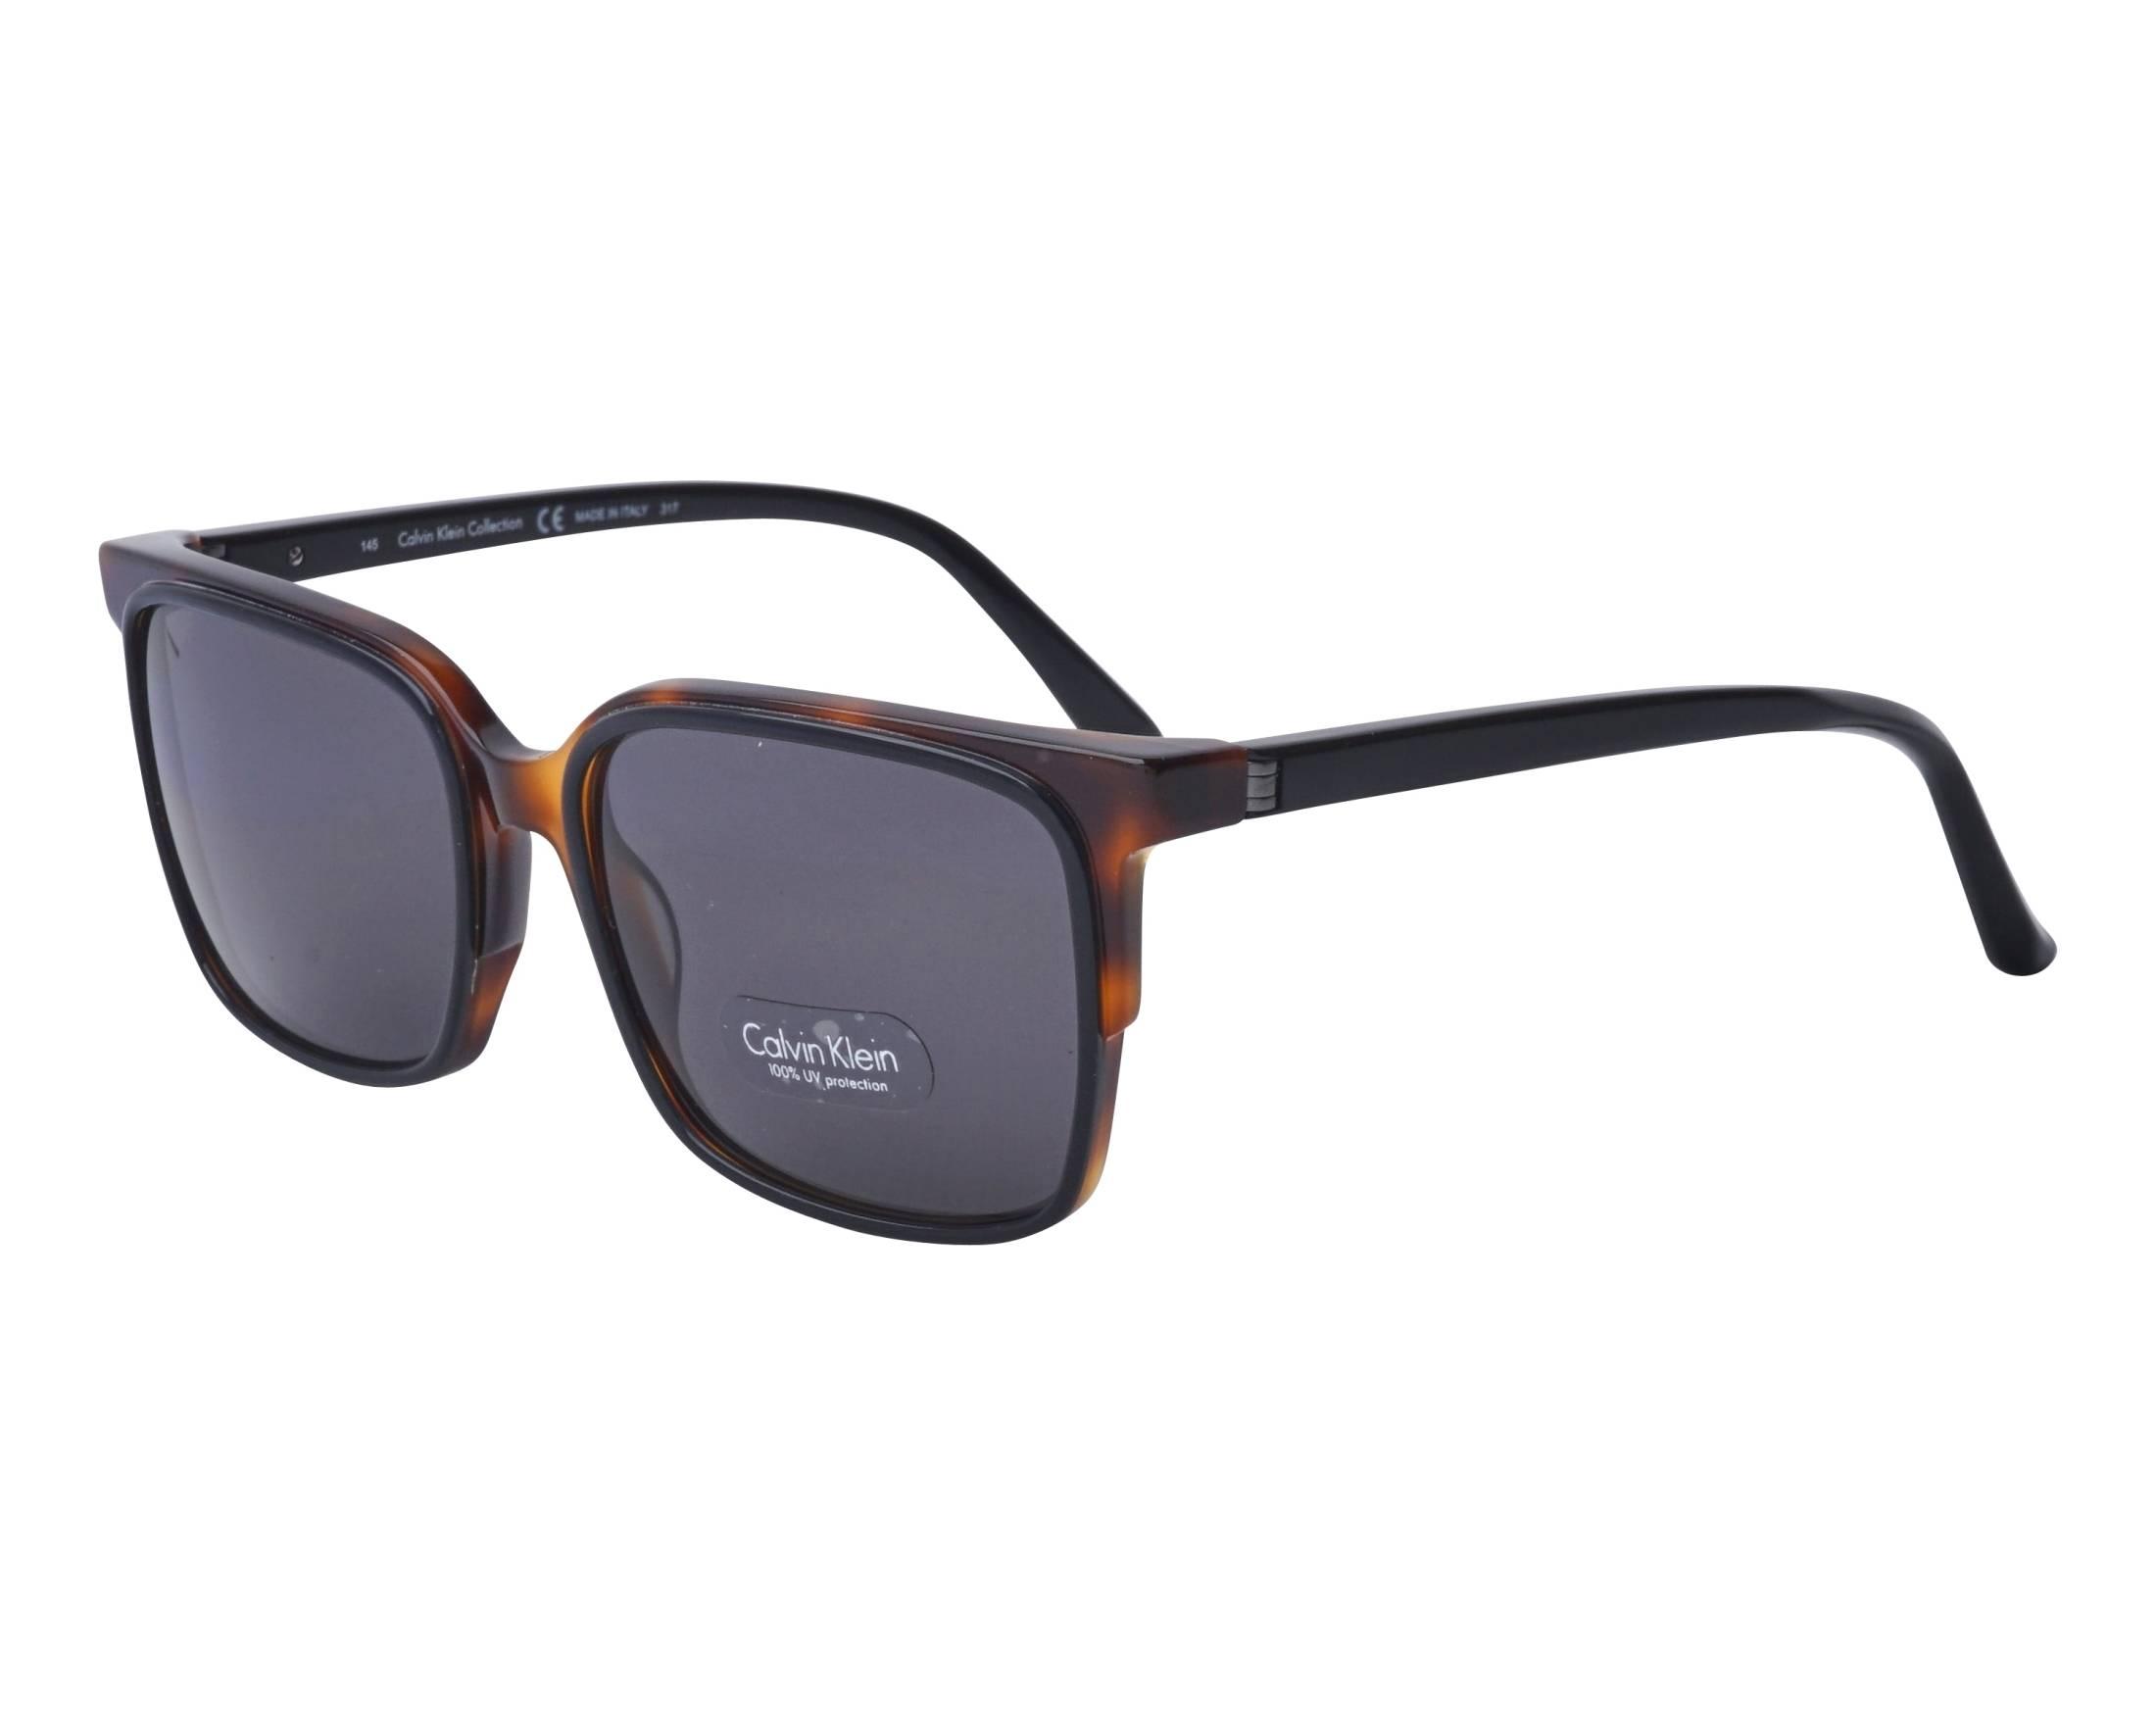 cc3c7f042c Gafas de sol Calvin Klein CK-8574-S 017 56-17 Havana Negra